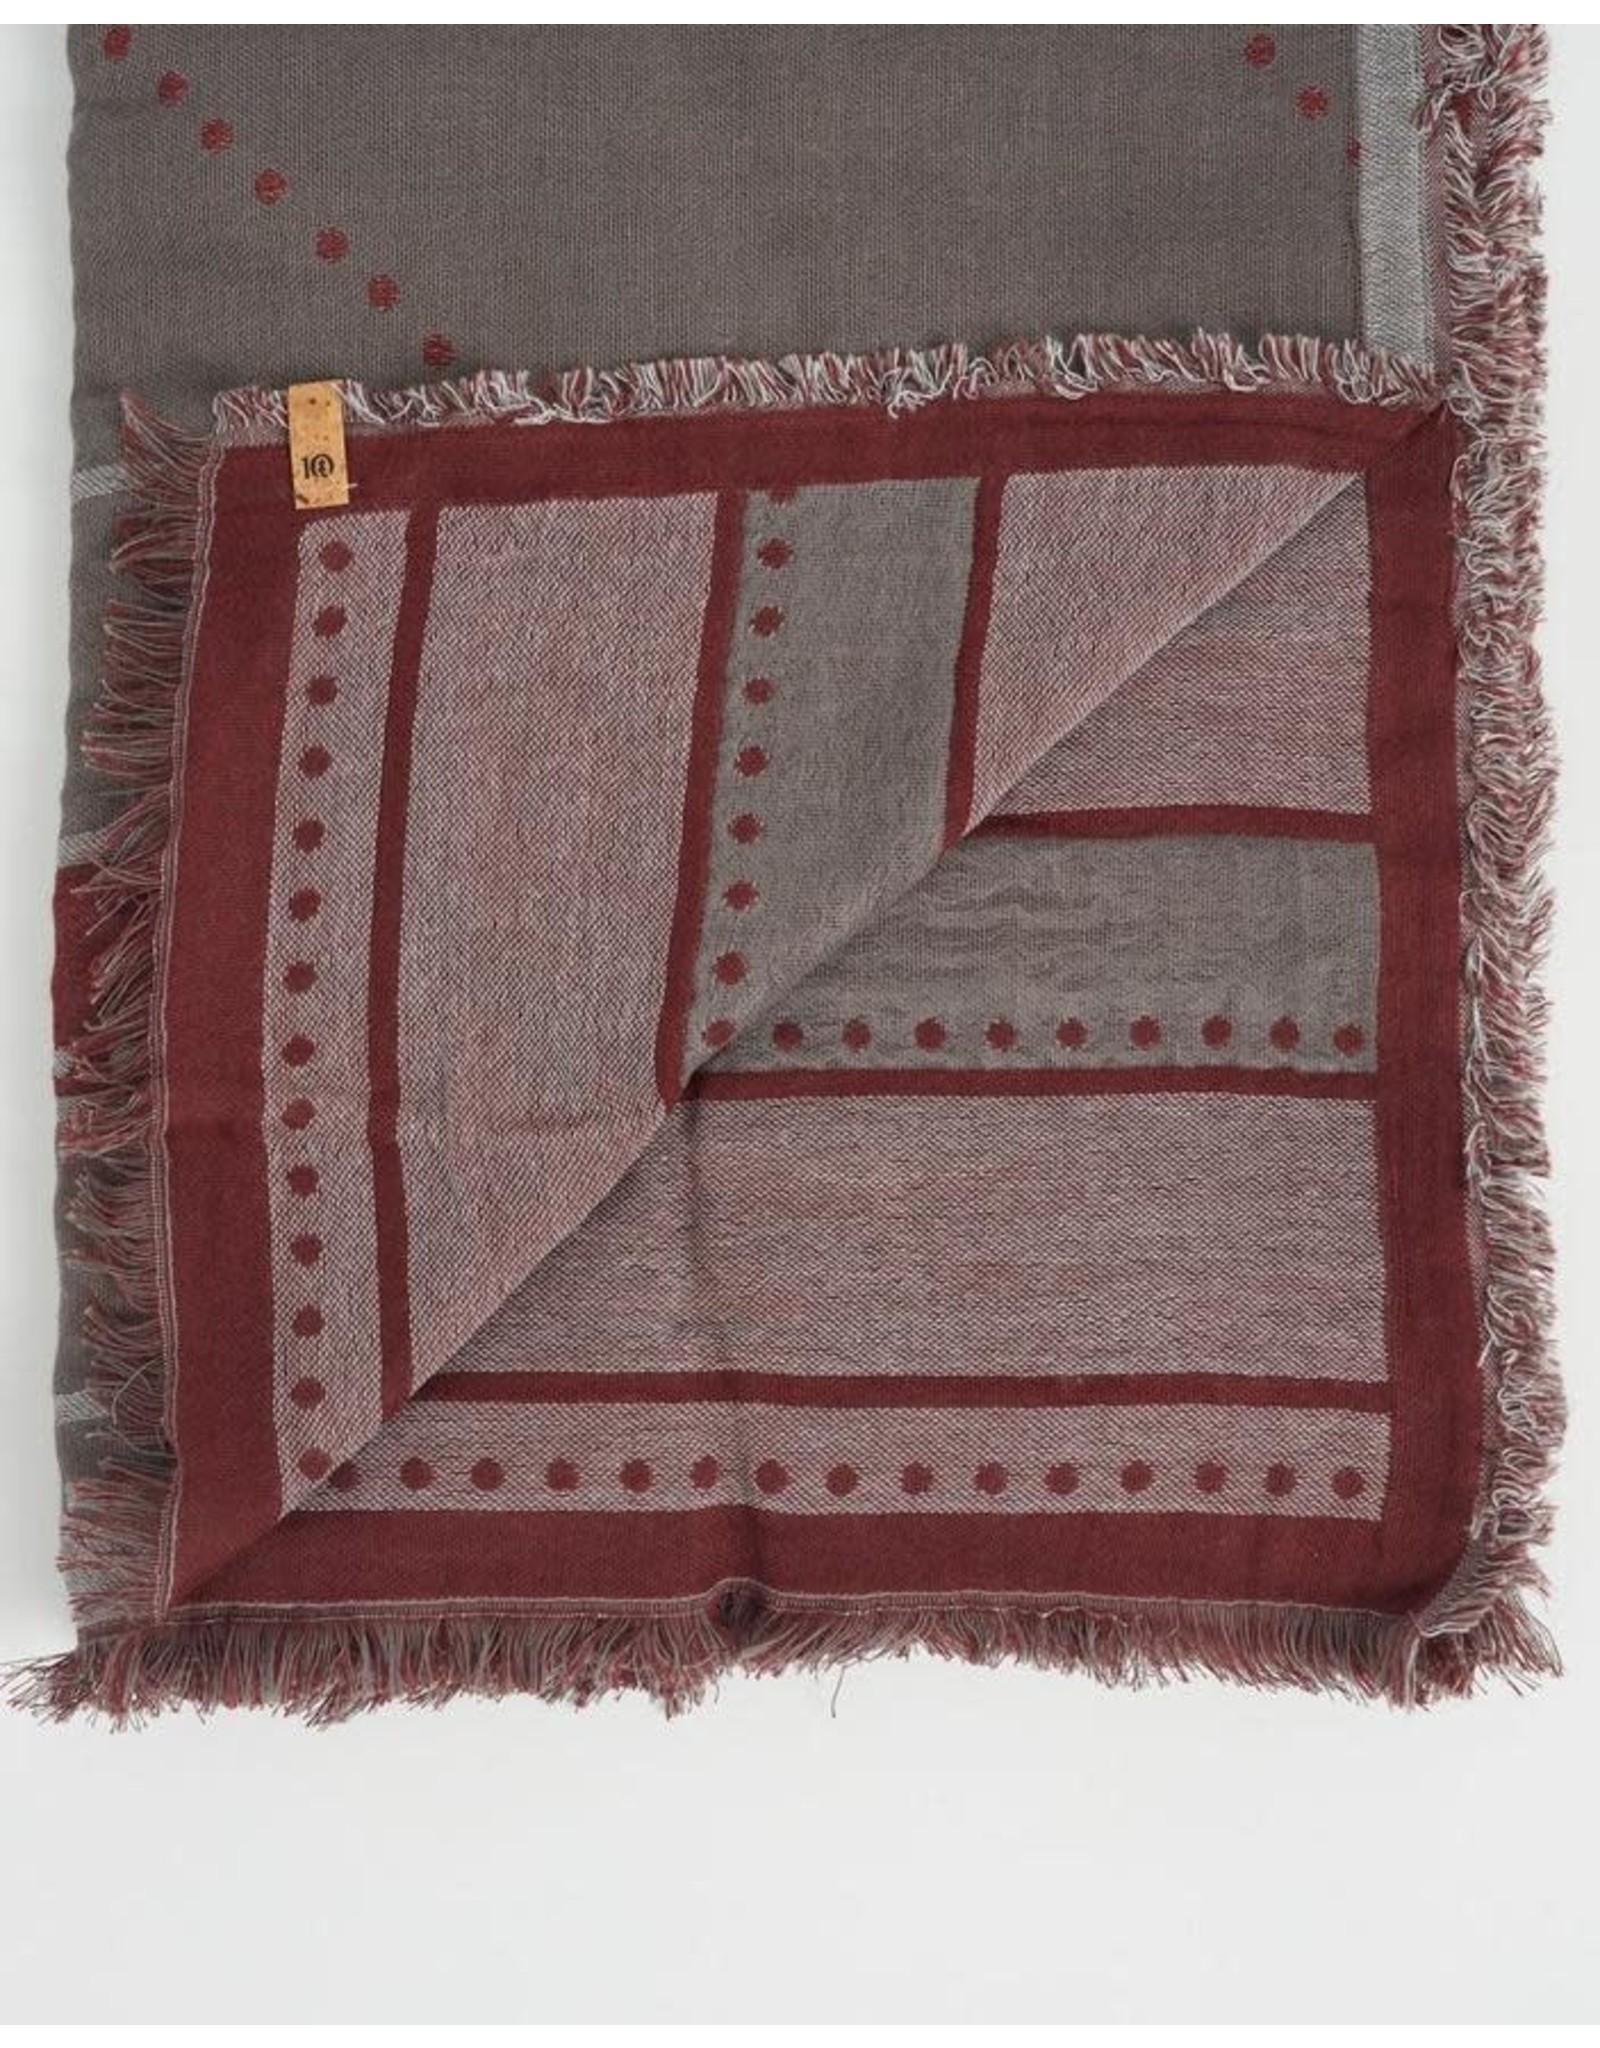 tentree Blanket Scarf